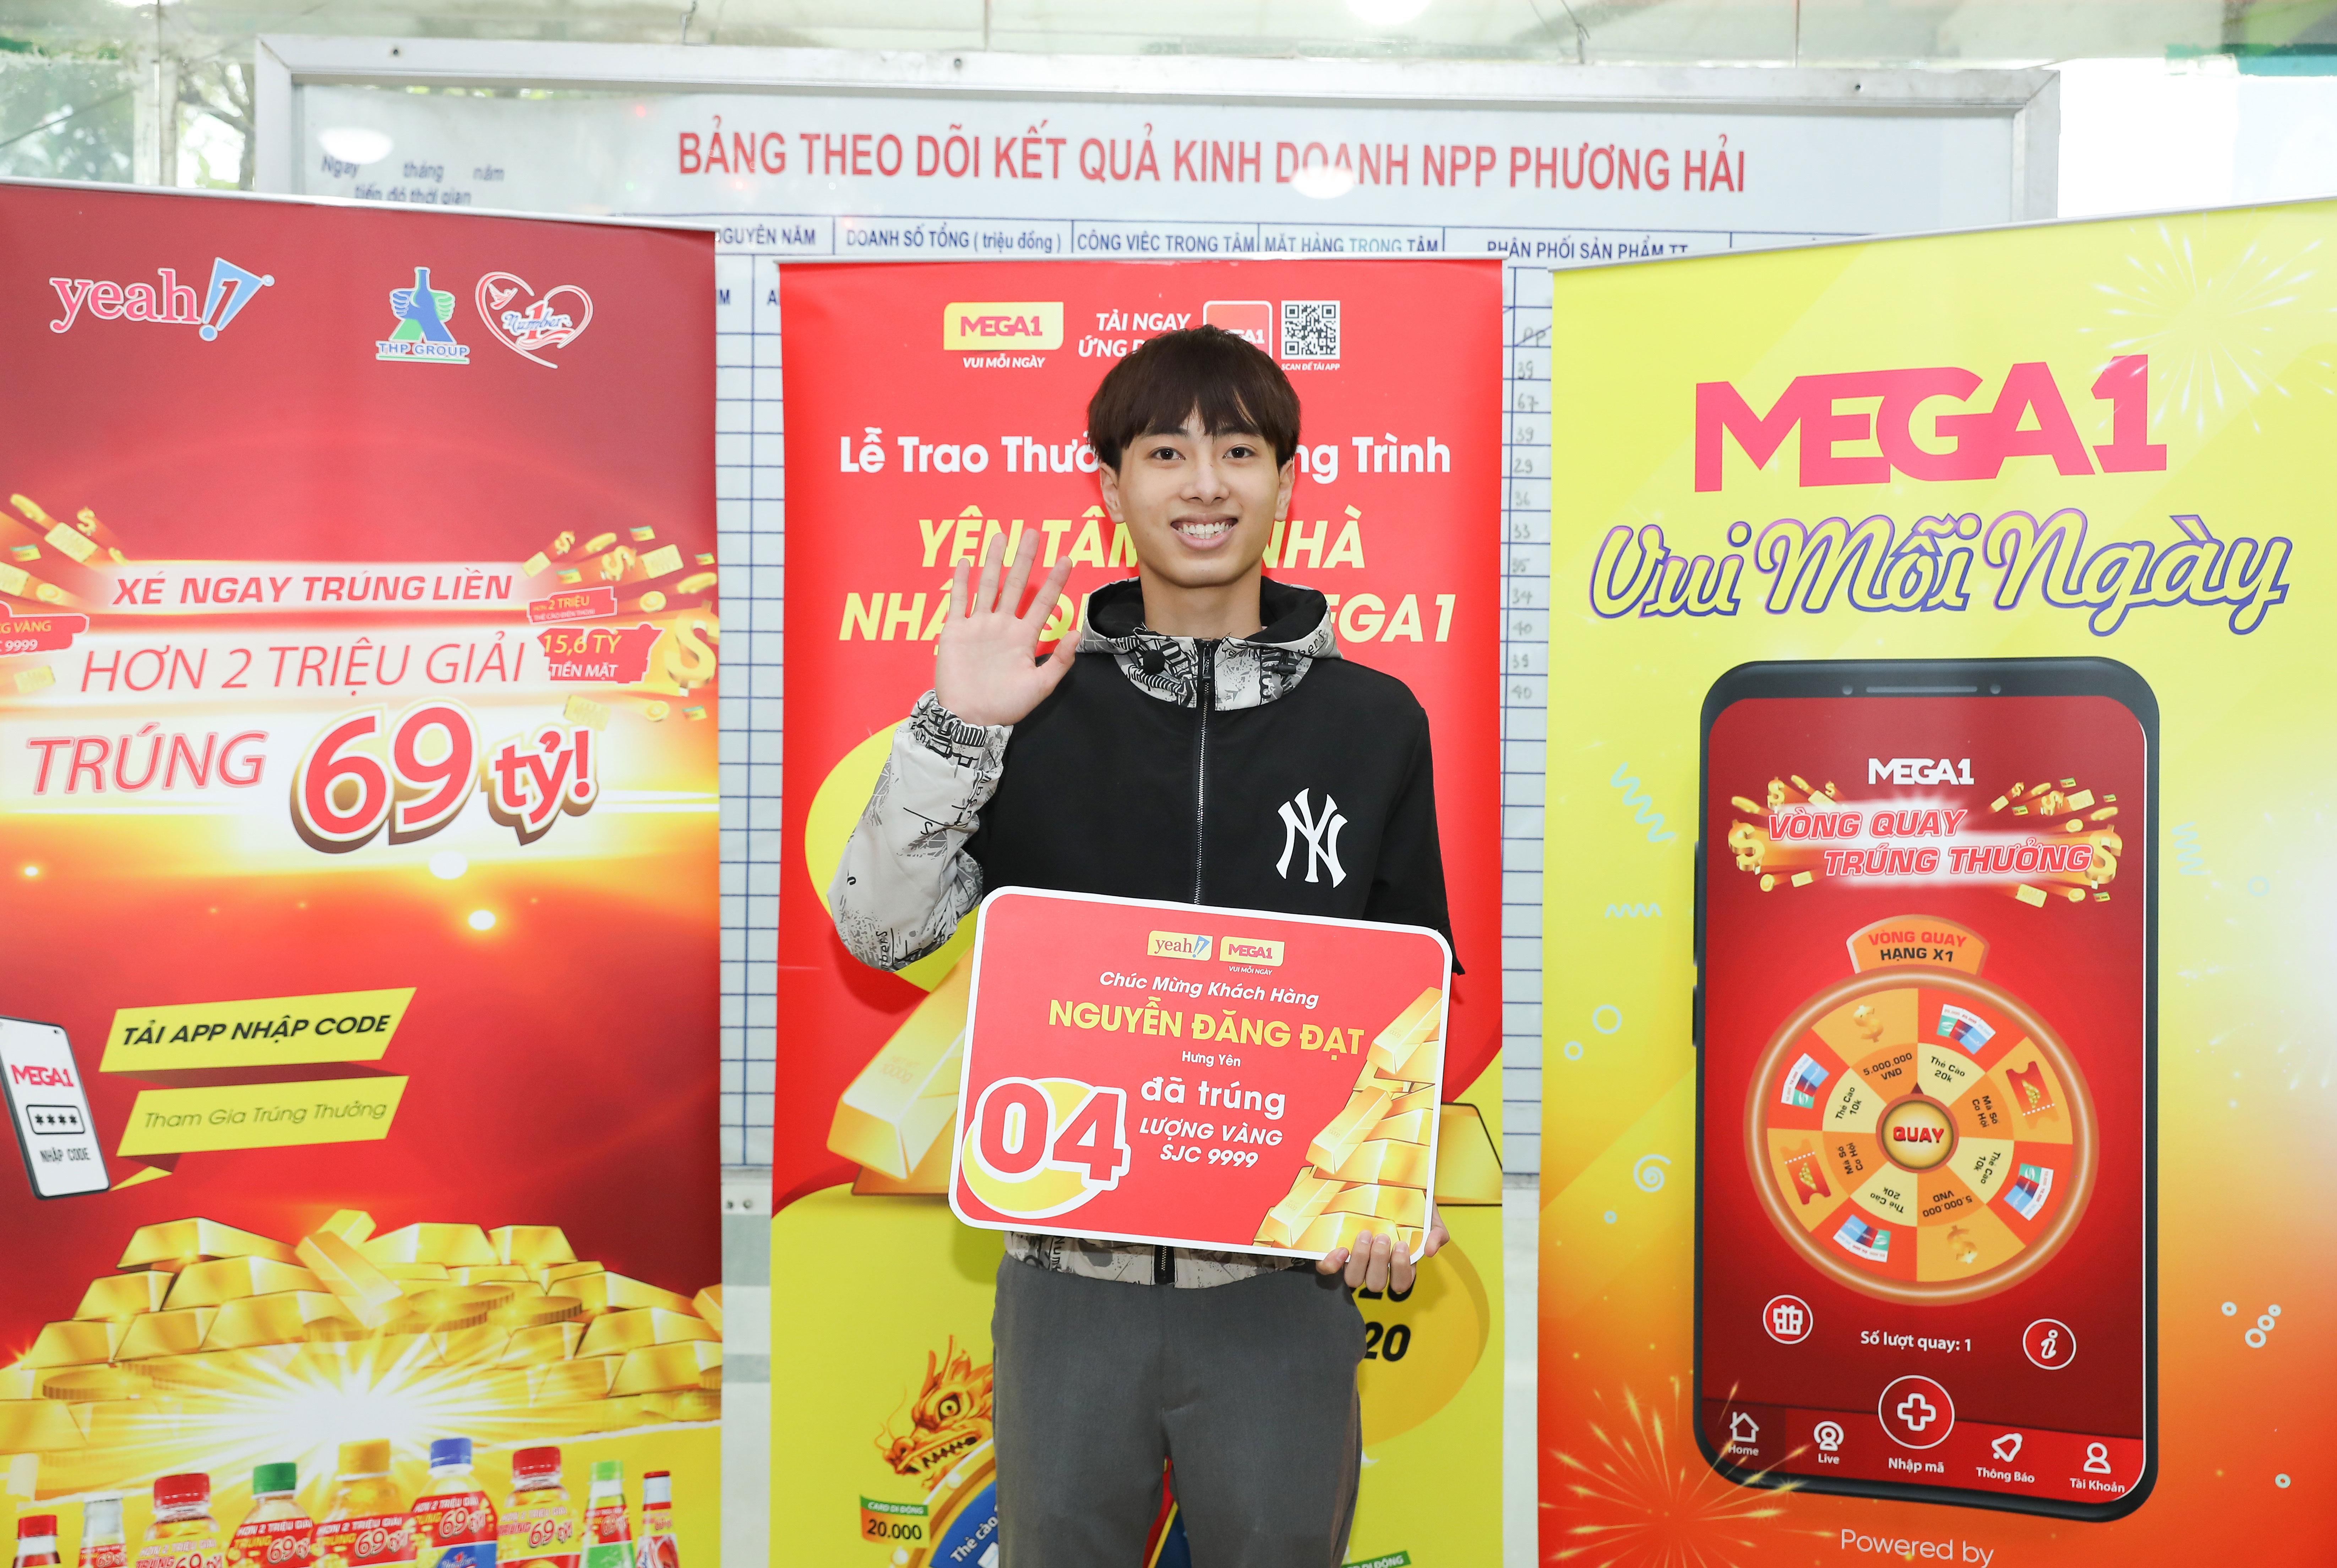 """Lộ diện khách hàng 19 tuổi trúng 4 lượng vàng trị giá hơn 180 triệu đồng khi tham gia chương trình """"Yên tâm ở nhà - Nhận quà từ MEGA1"""""""